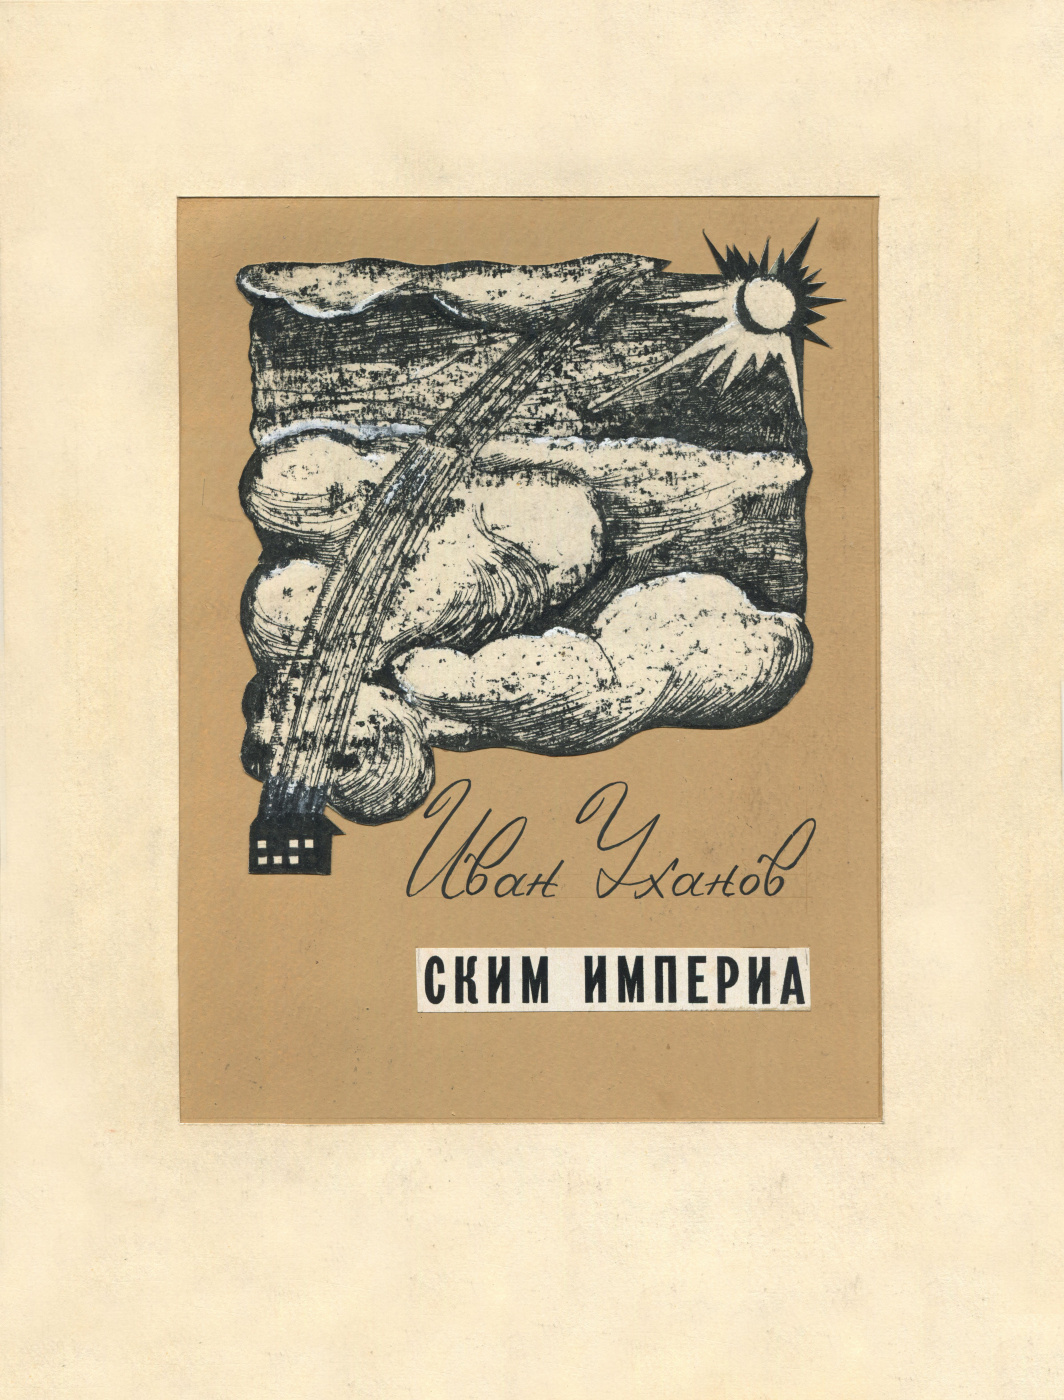 Alexandrovich Rudolf Pavlov. Cover. Ivan Ukhanov. Skim empire.